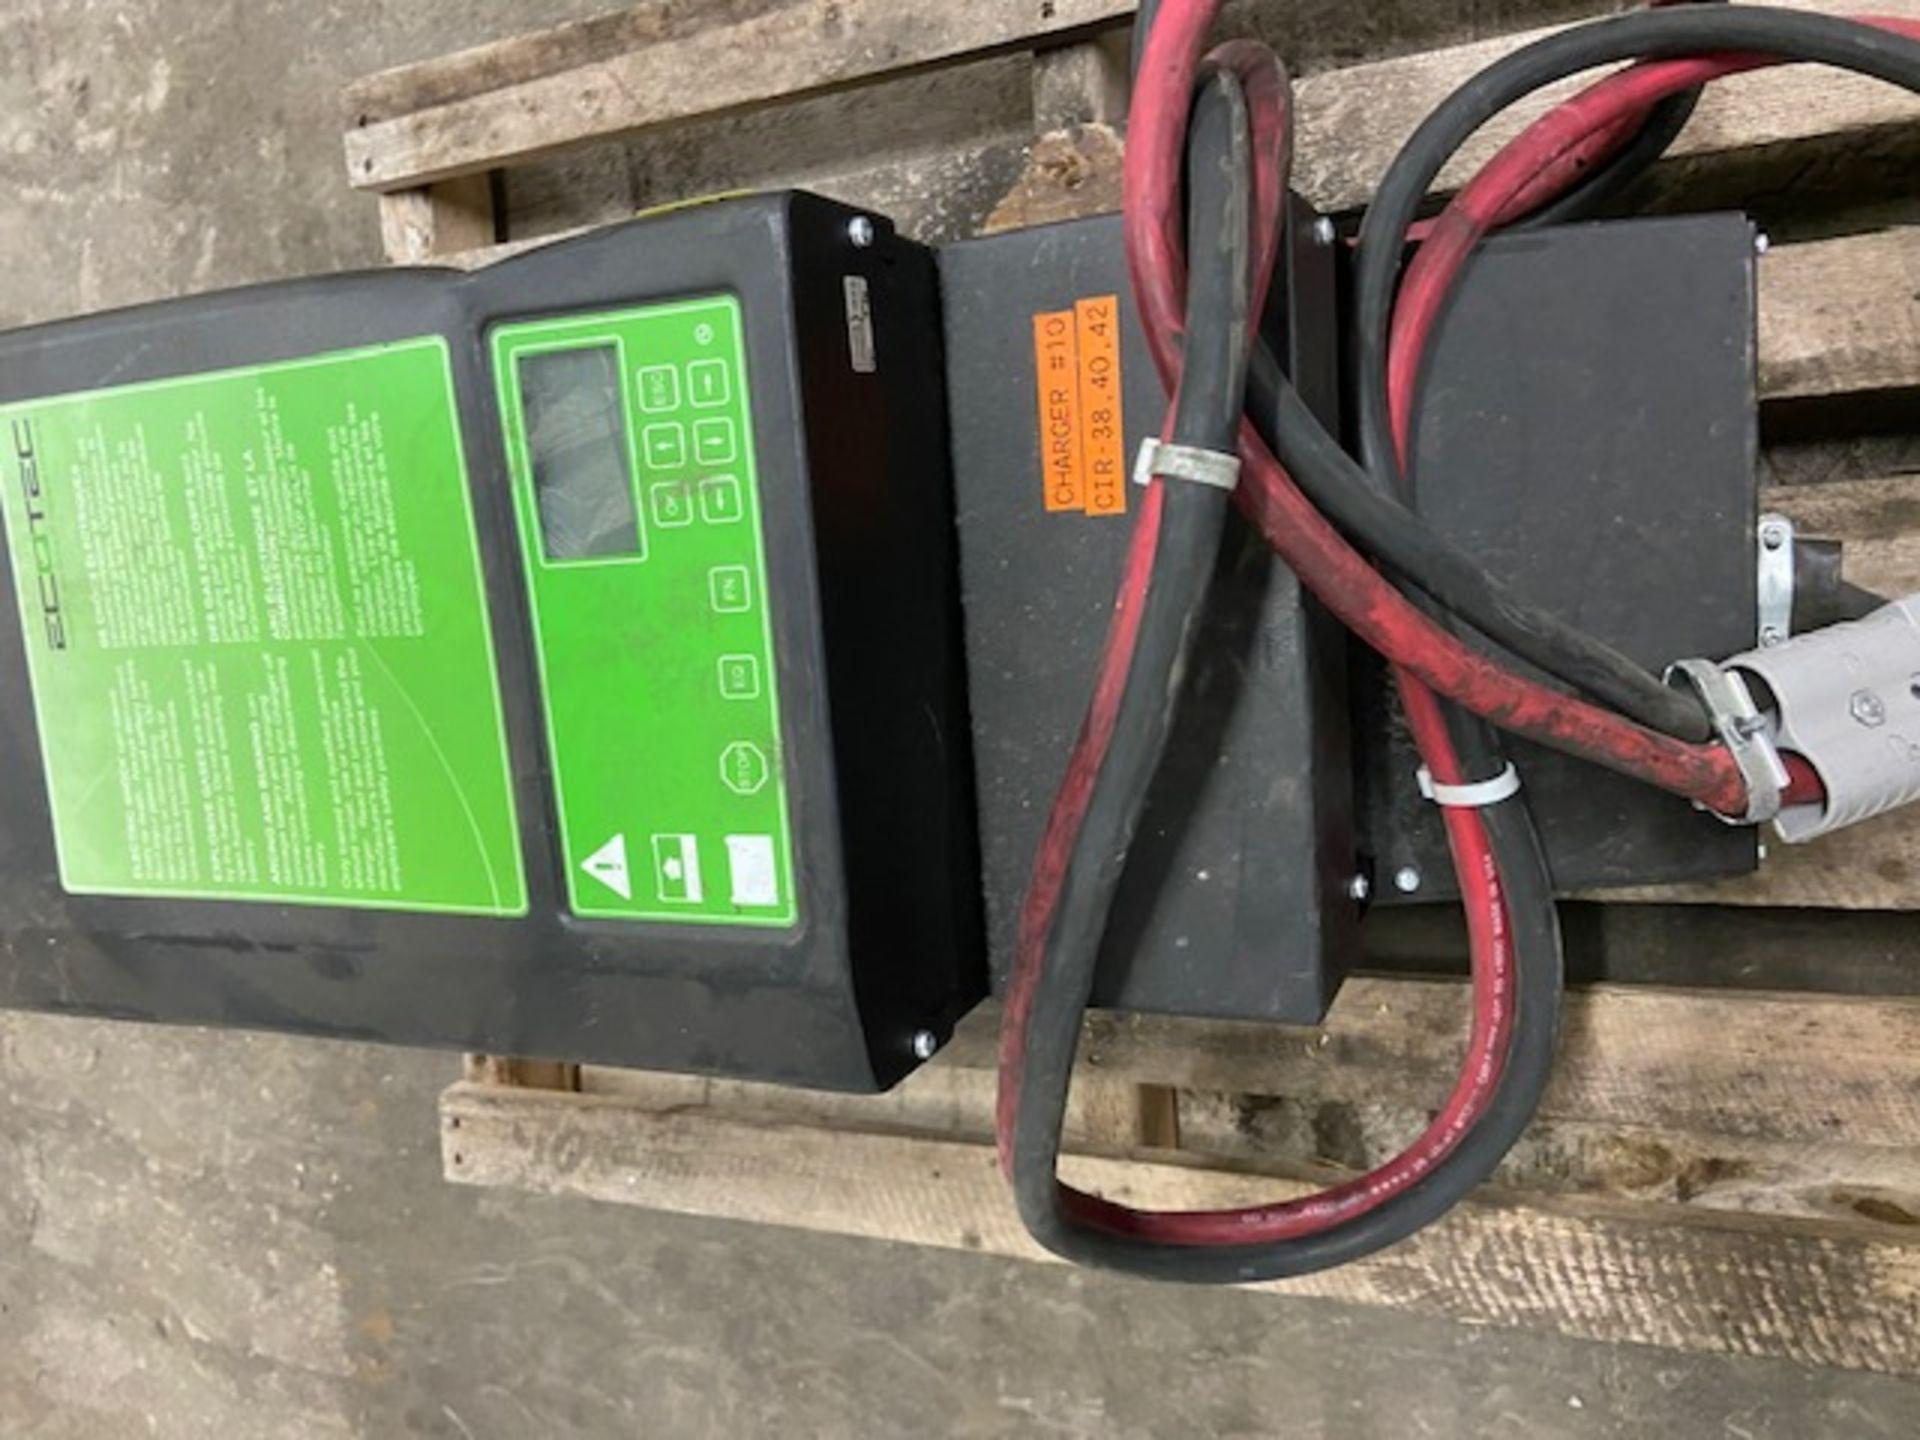 EcoTec Forklift Battery Charger - 36V unit - Image 2 of 3